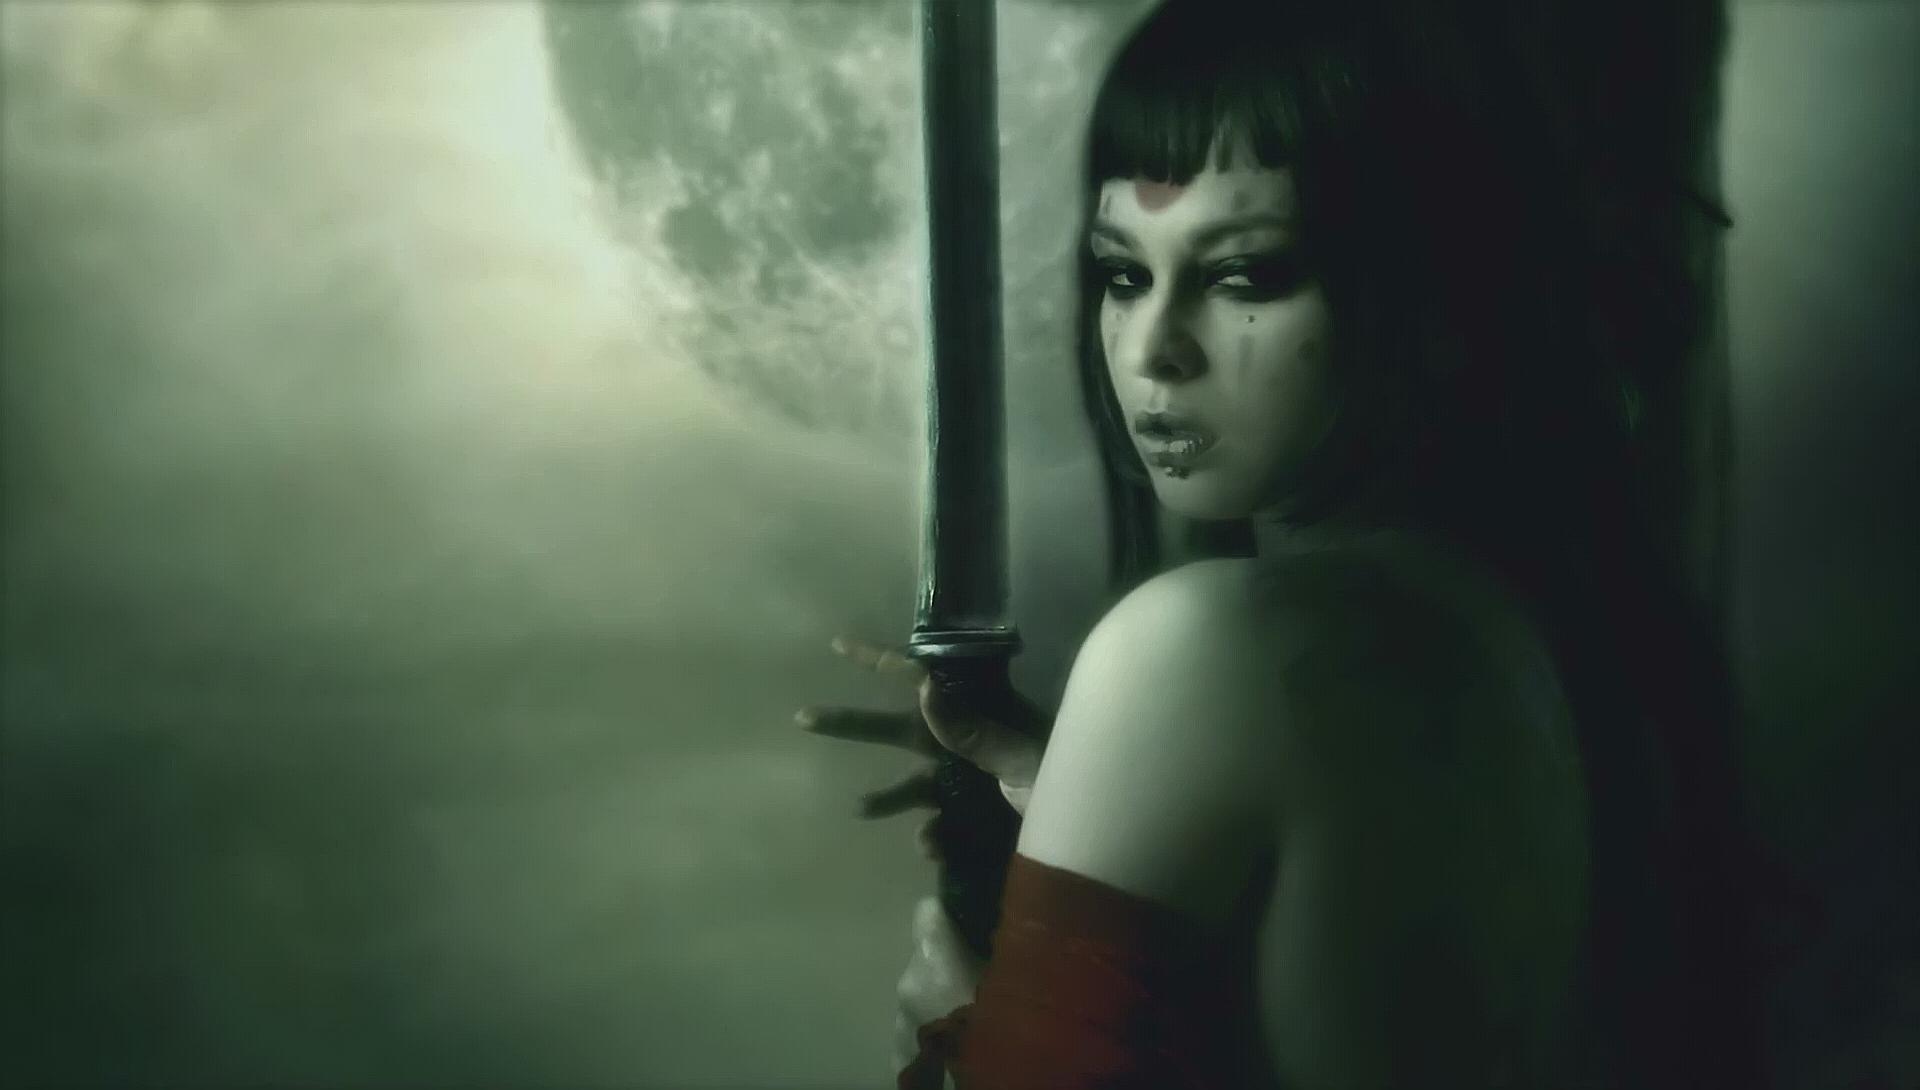 Apocalypse image vidéo(teaser-France) Luis & Romulo Royo. Vidéo de Norma Editorial